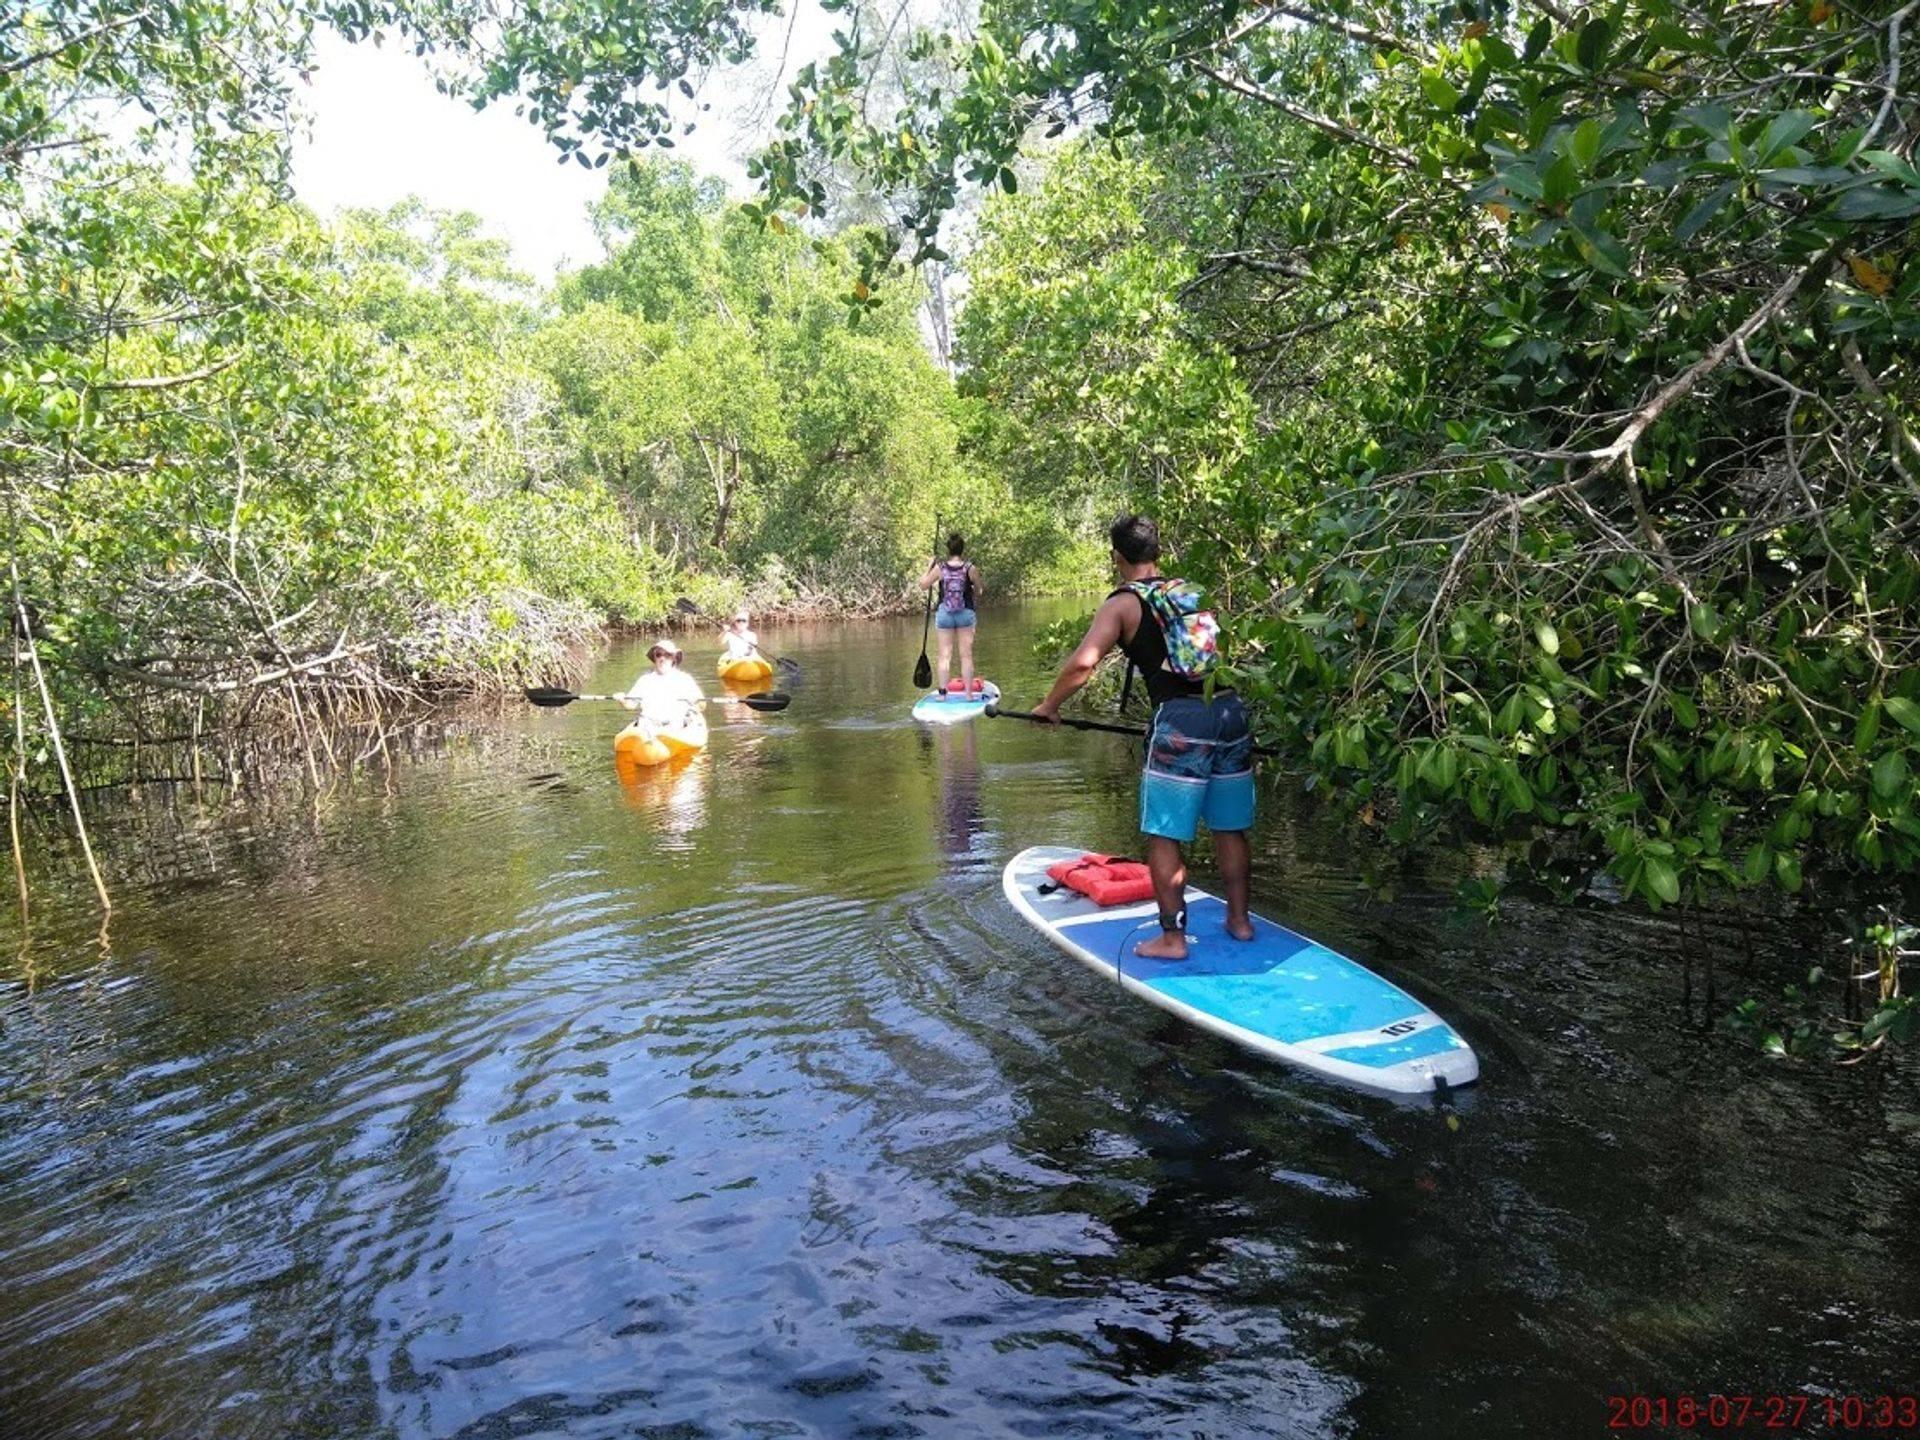 Naples kayak adventure eco tour